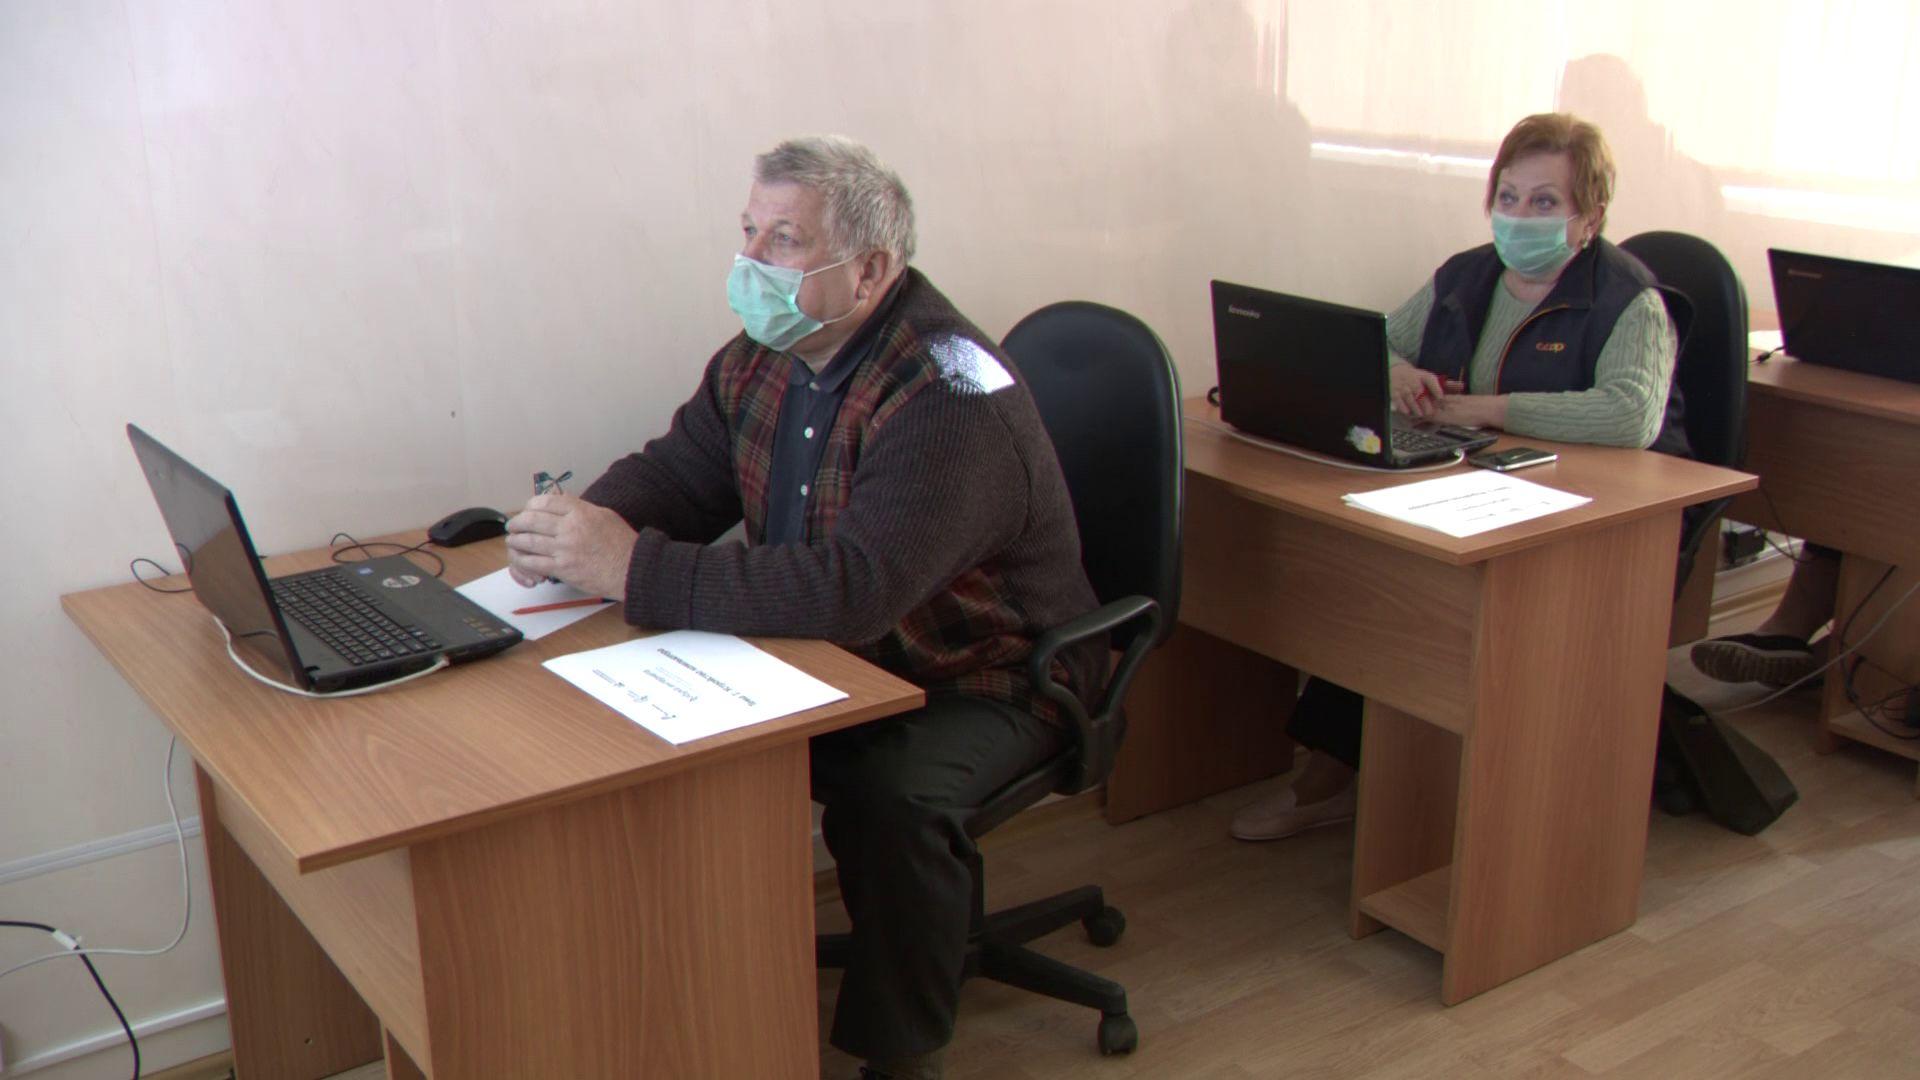 В Ярославской области пенсионеров учат пользоваться компьютерами